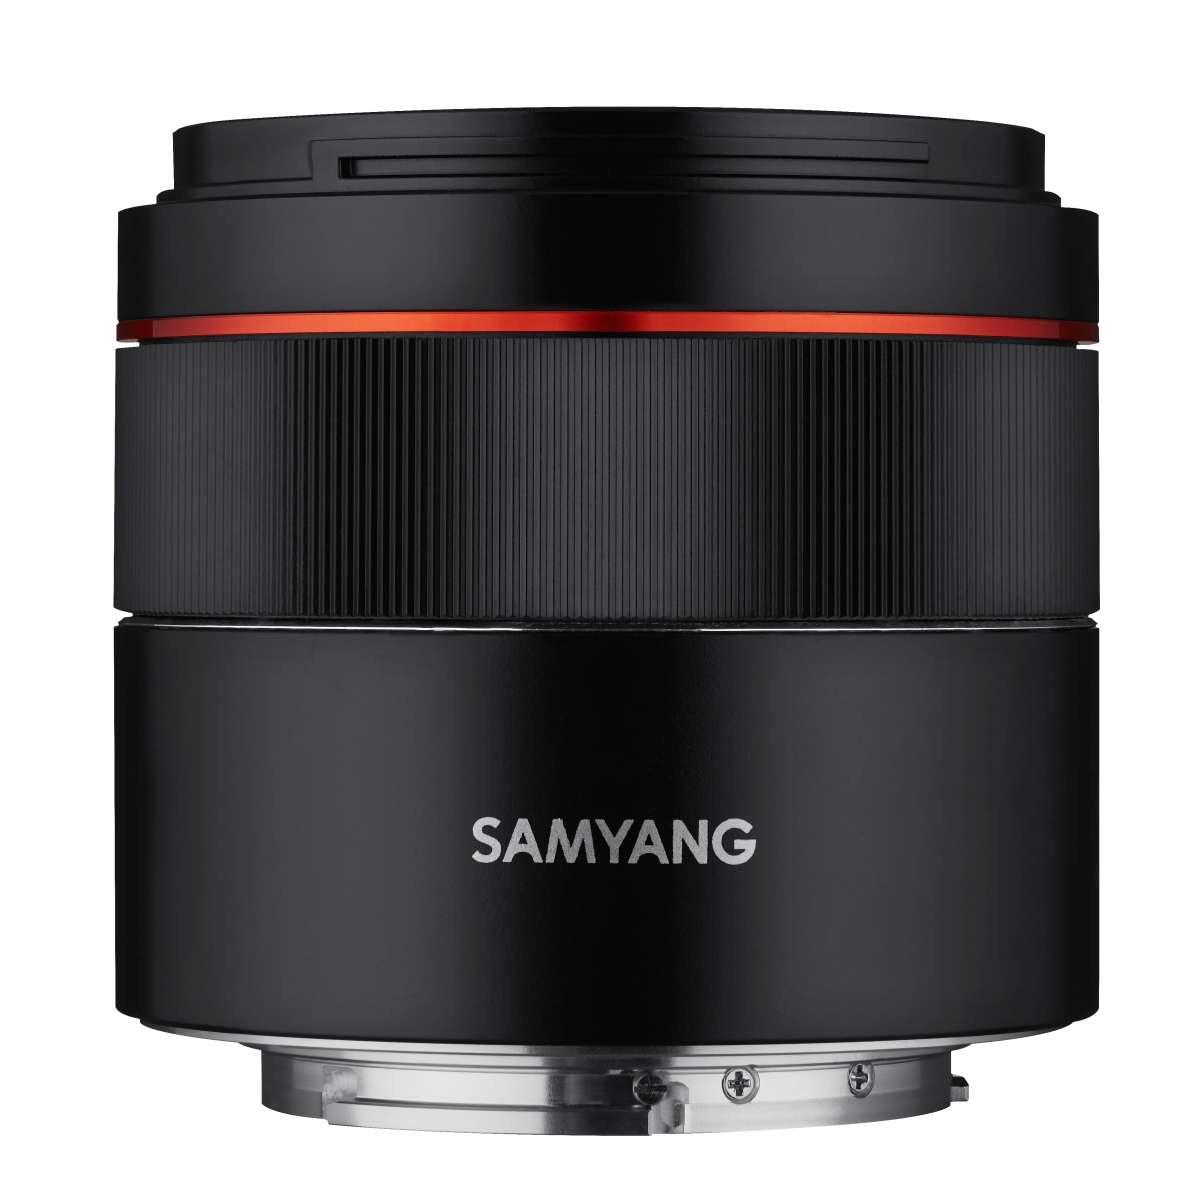 Samyang AF 45mm F1.8 Sony FE für 343.2 bei Foto Walser über Amazon und Real